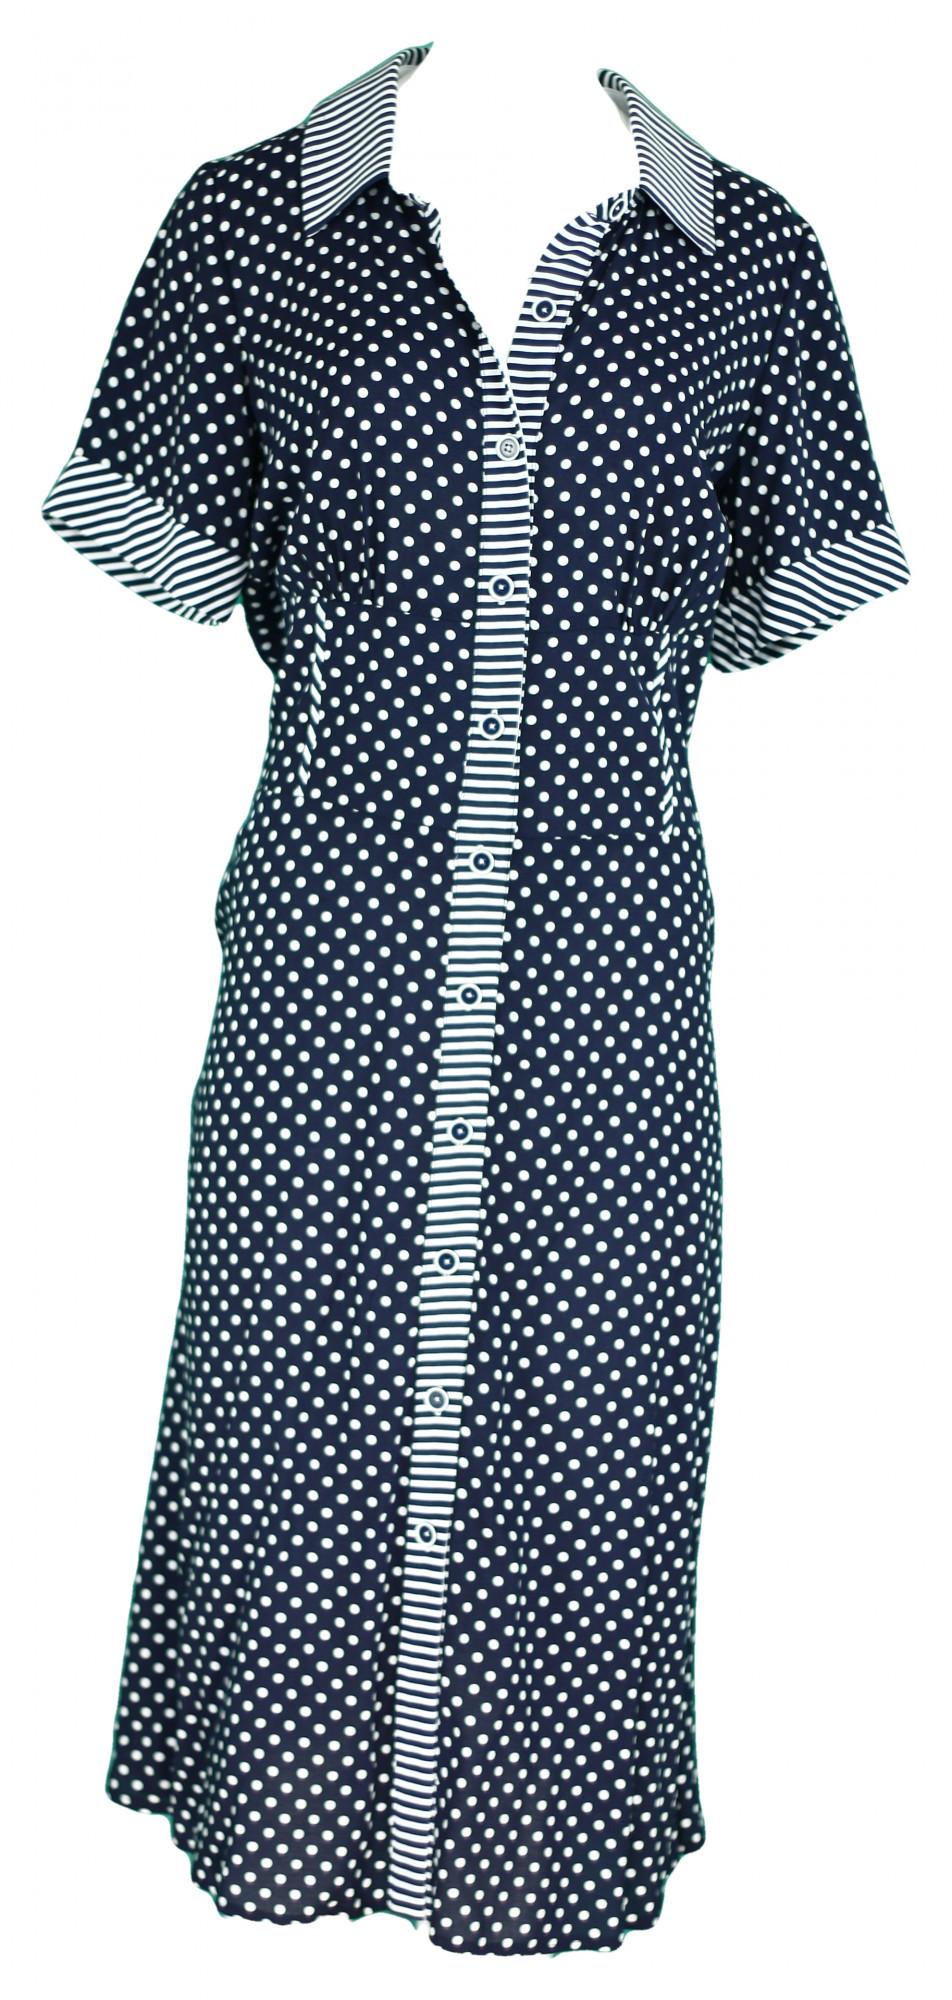 Dámske šaty 0125 - Gonera modrá - puntíkatá 42